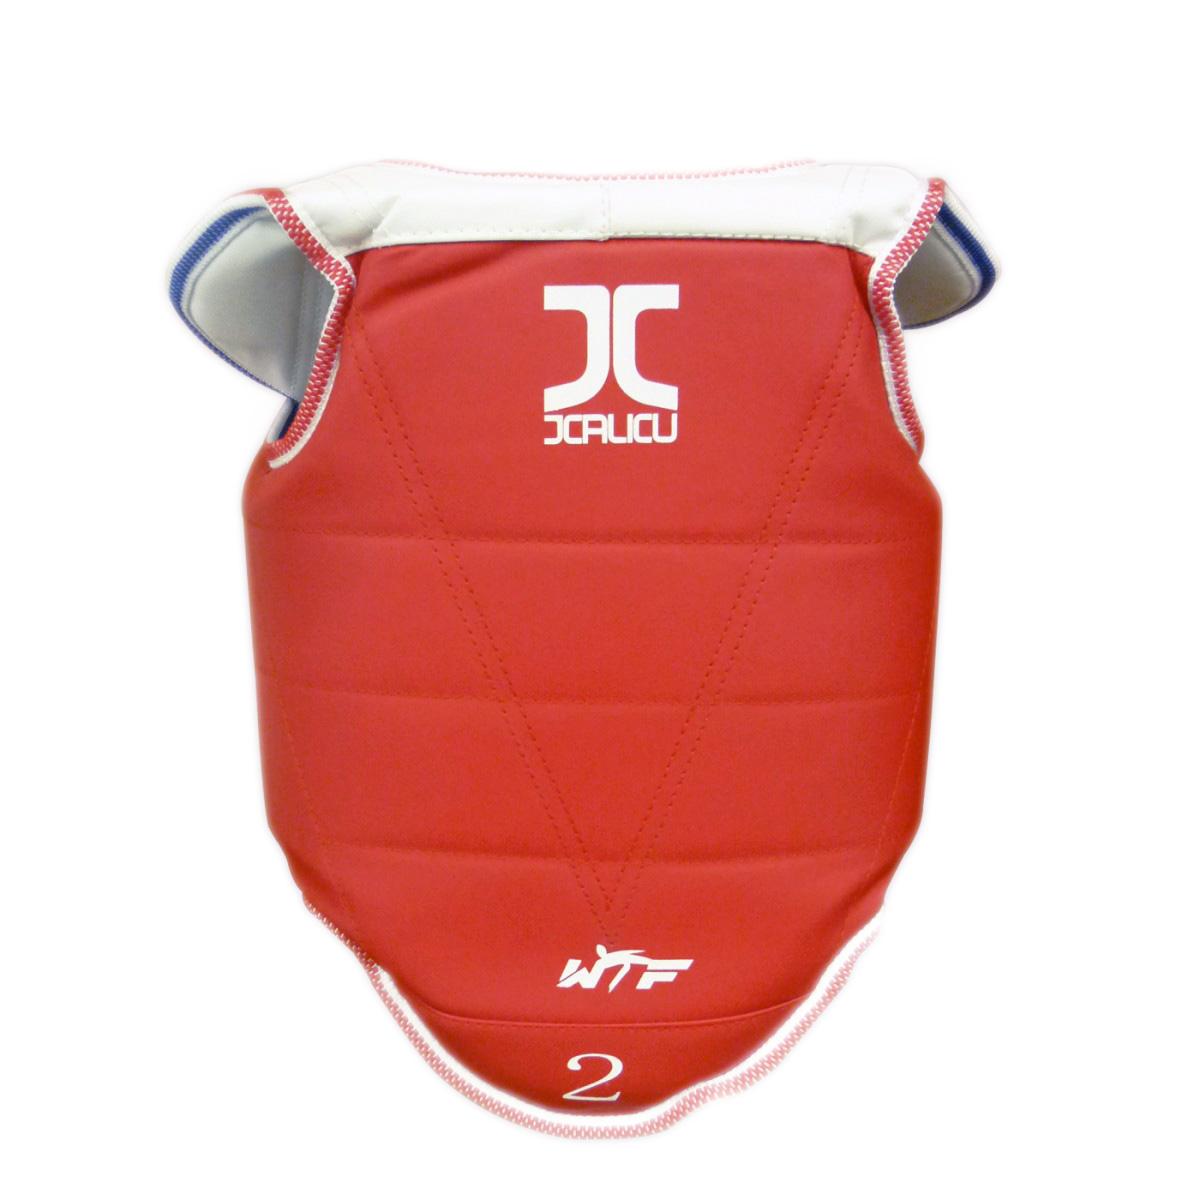 Taekwondo borstbeschermer (omkeerbaar) JCalicu-Club | WT